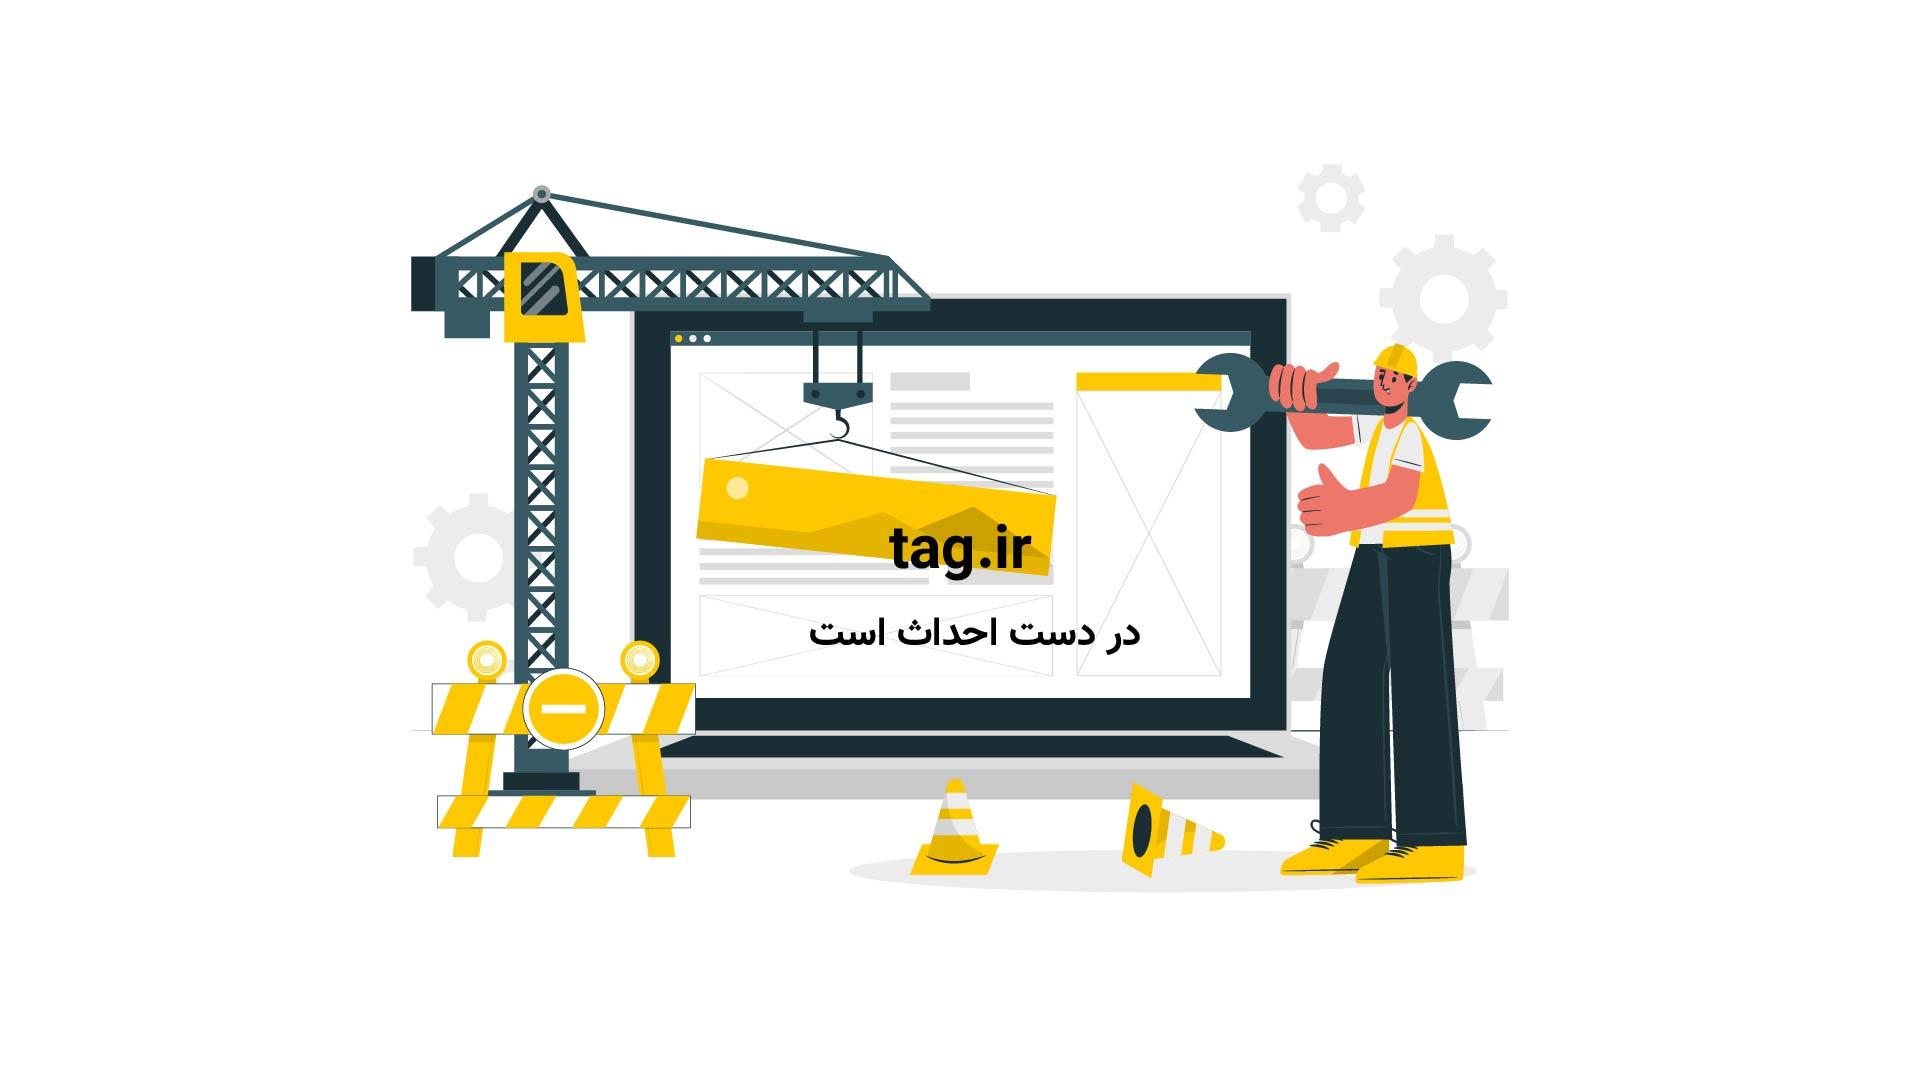 درگیری و اخراج بابک زنجانی از دادگاه | فیلم